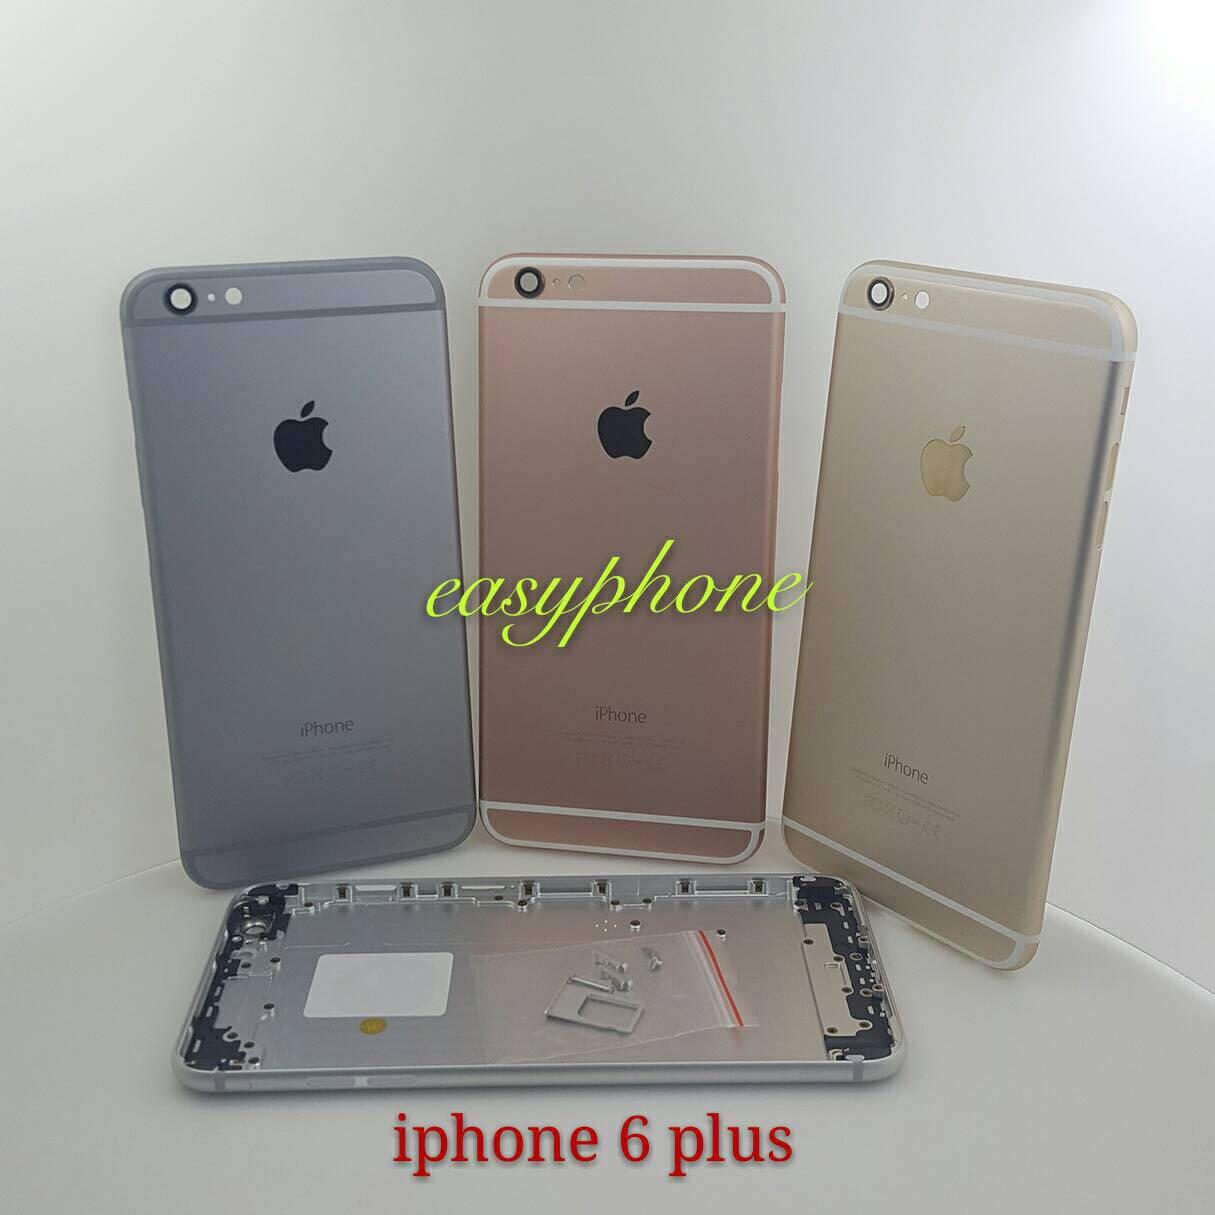 ฝาหลัง iPhone 6 Plus ของแท้ // สีดำ / สีขาว / สีทอง / สีชมพู